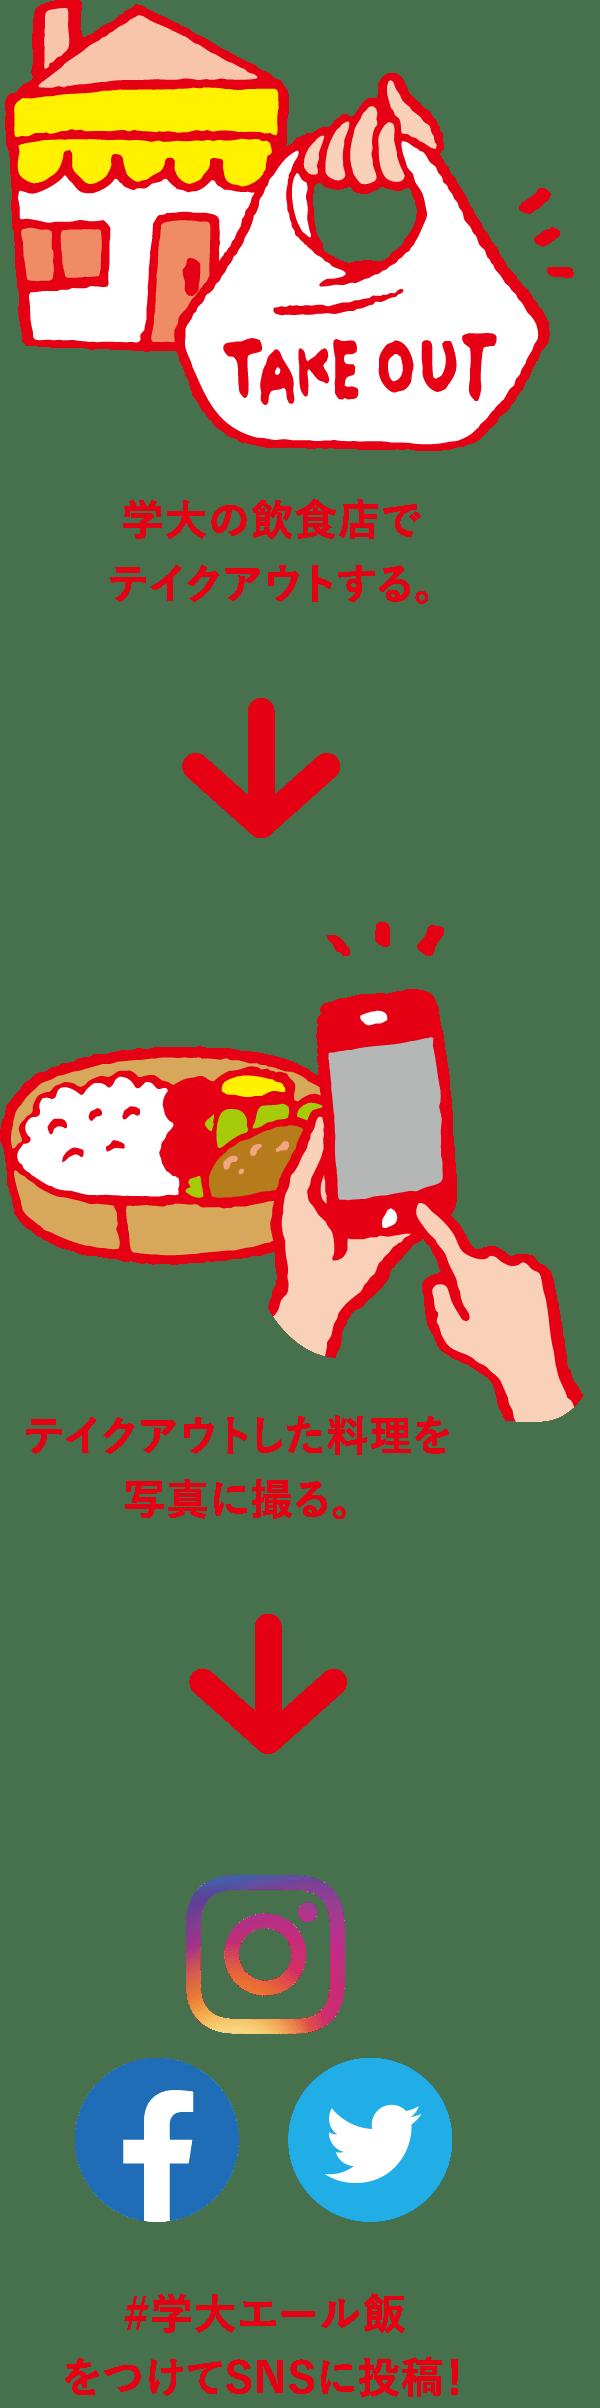 学大の飲食店でテイクアウトする。→テイクアウトした料理を写真に撮る。→#学大エール飯をつけてSNSに投稿!